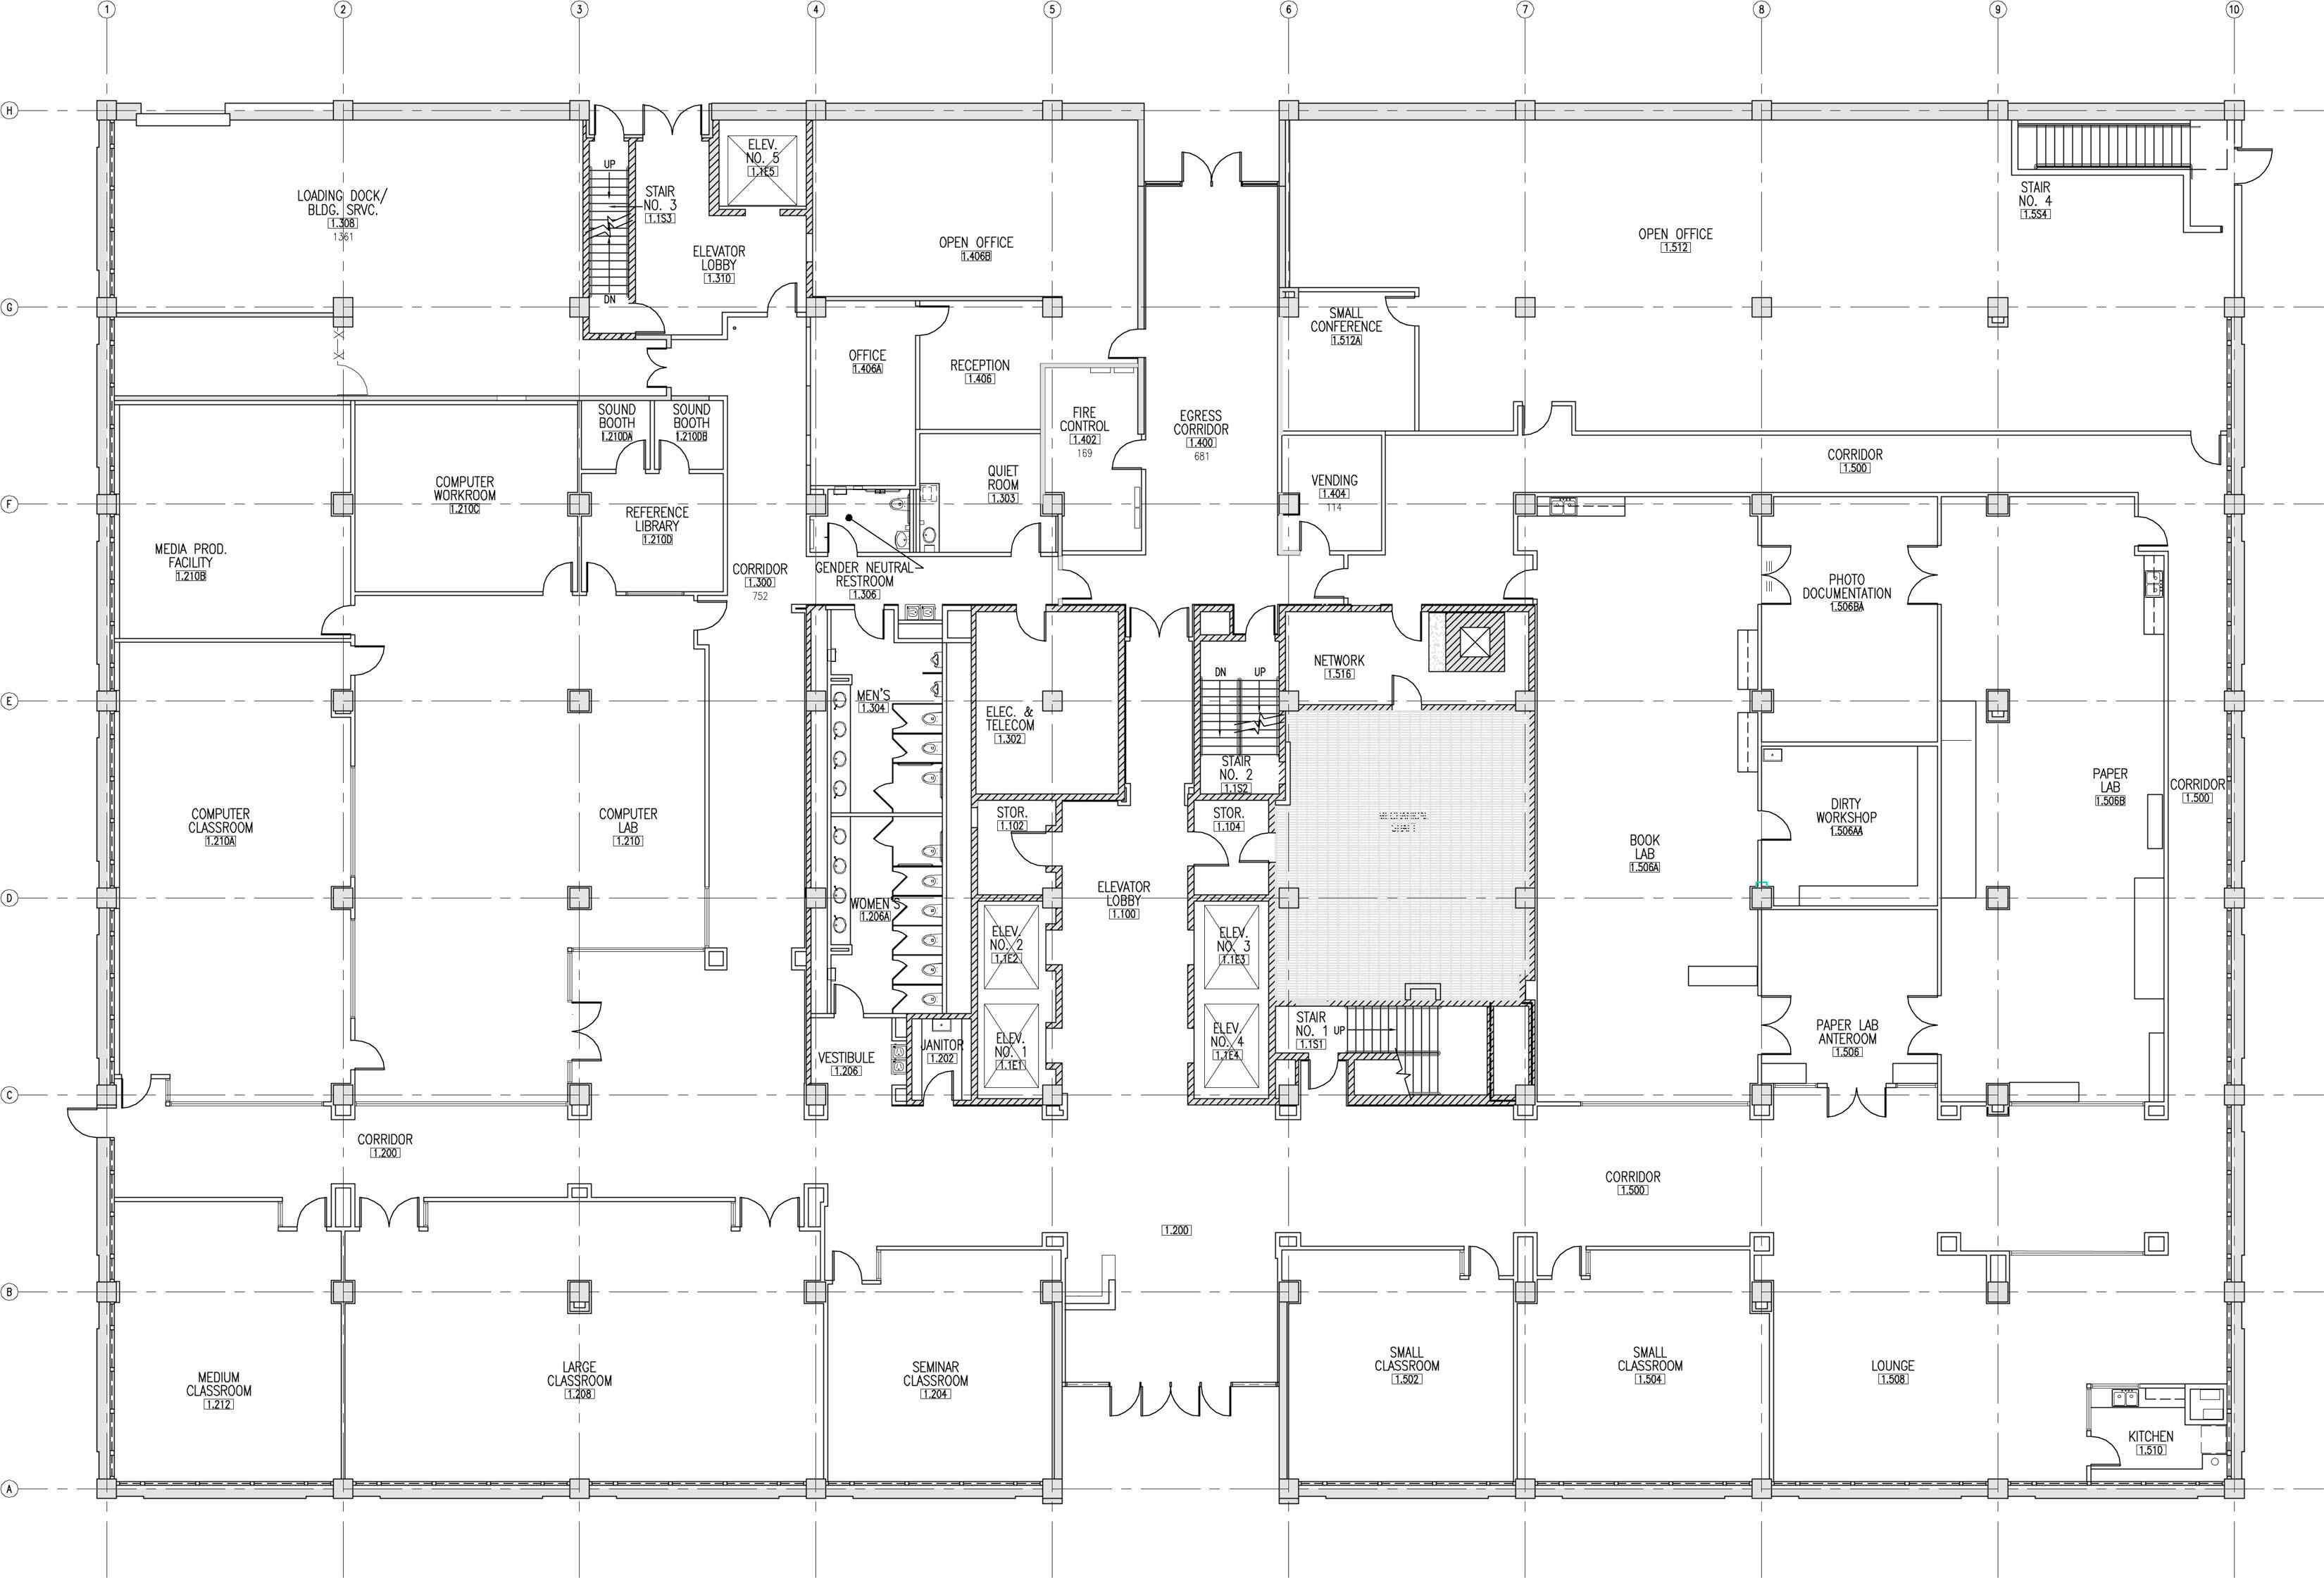 floor map: